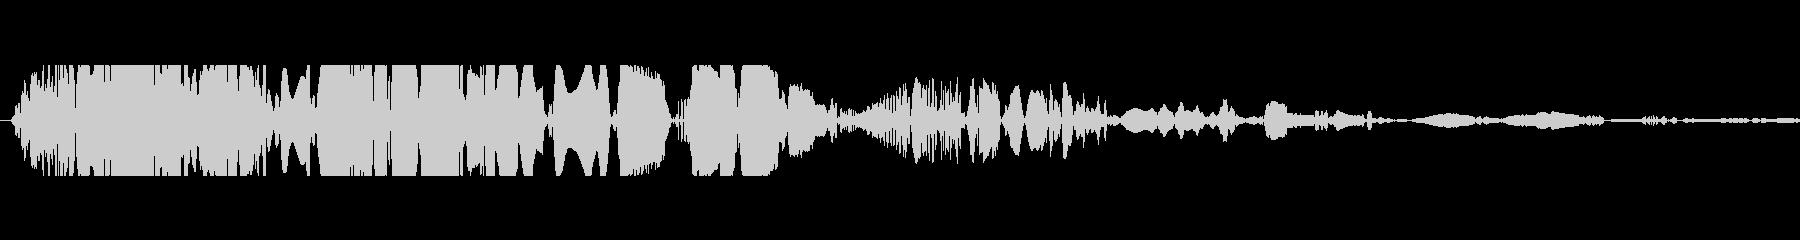 ドサッ(落下や倒れる衝撃音)07の未再生の波形